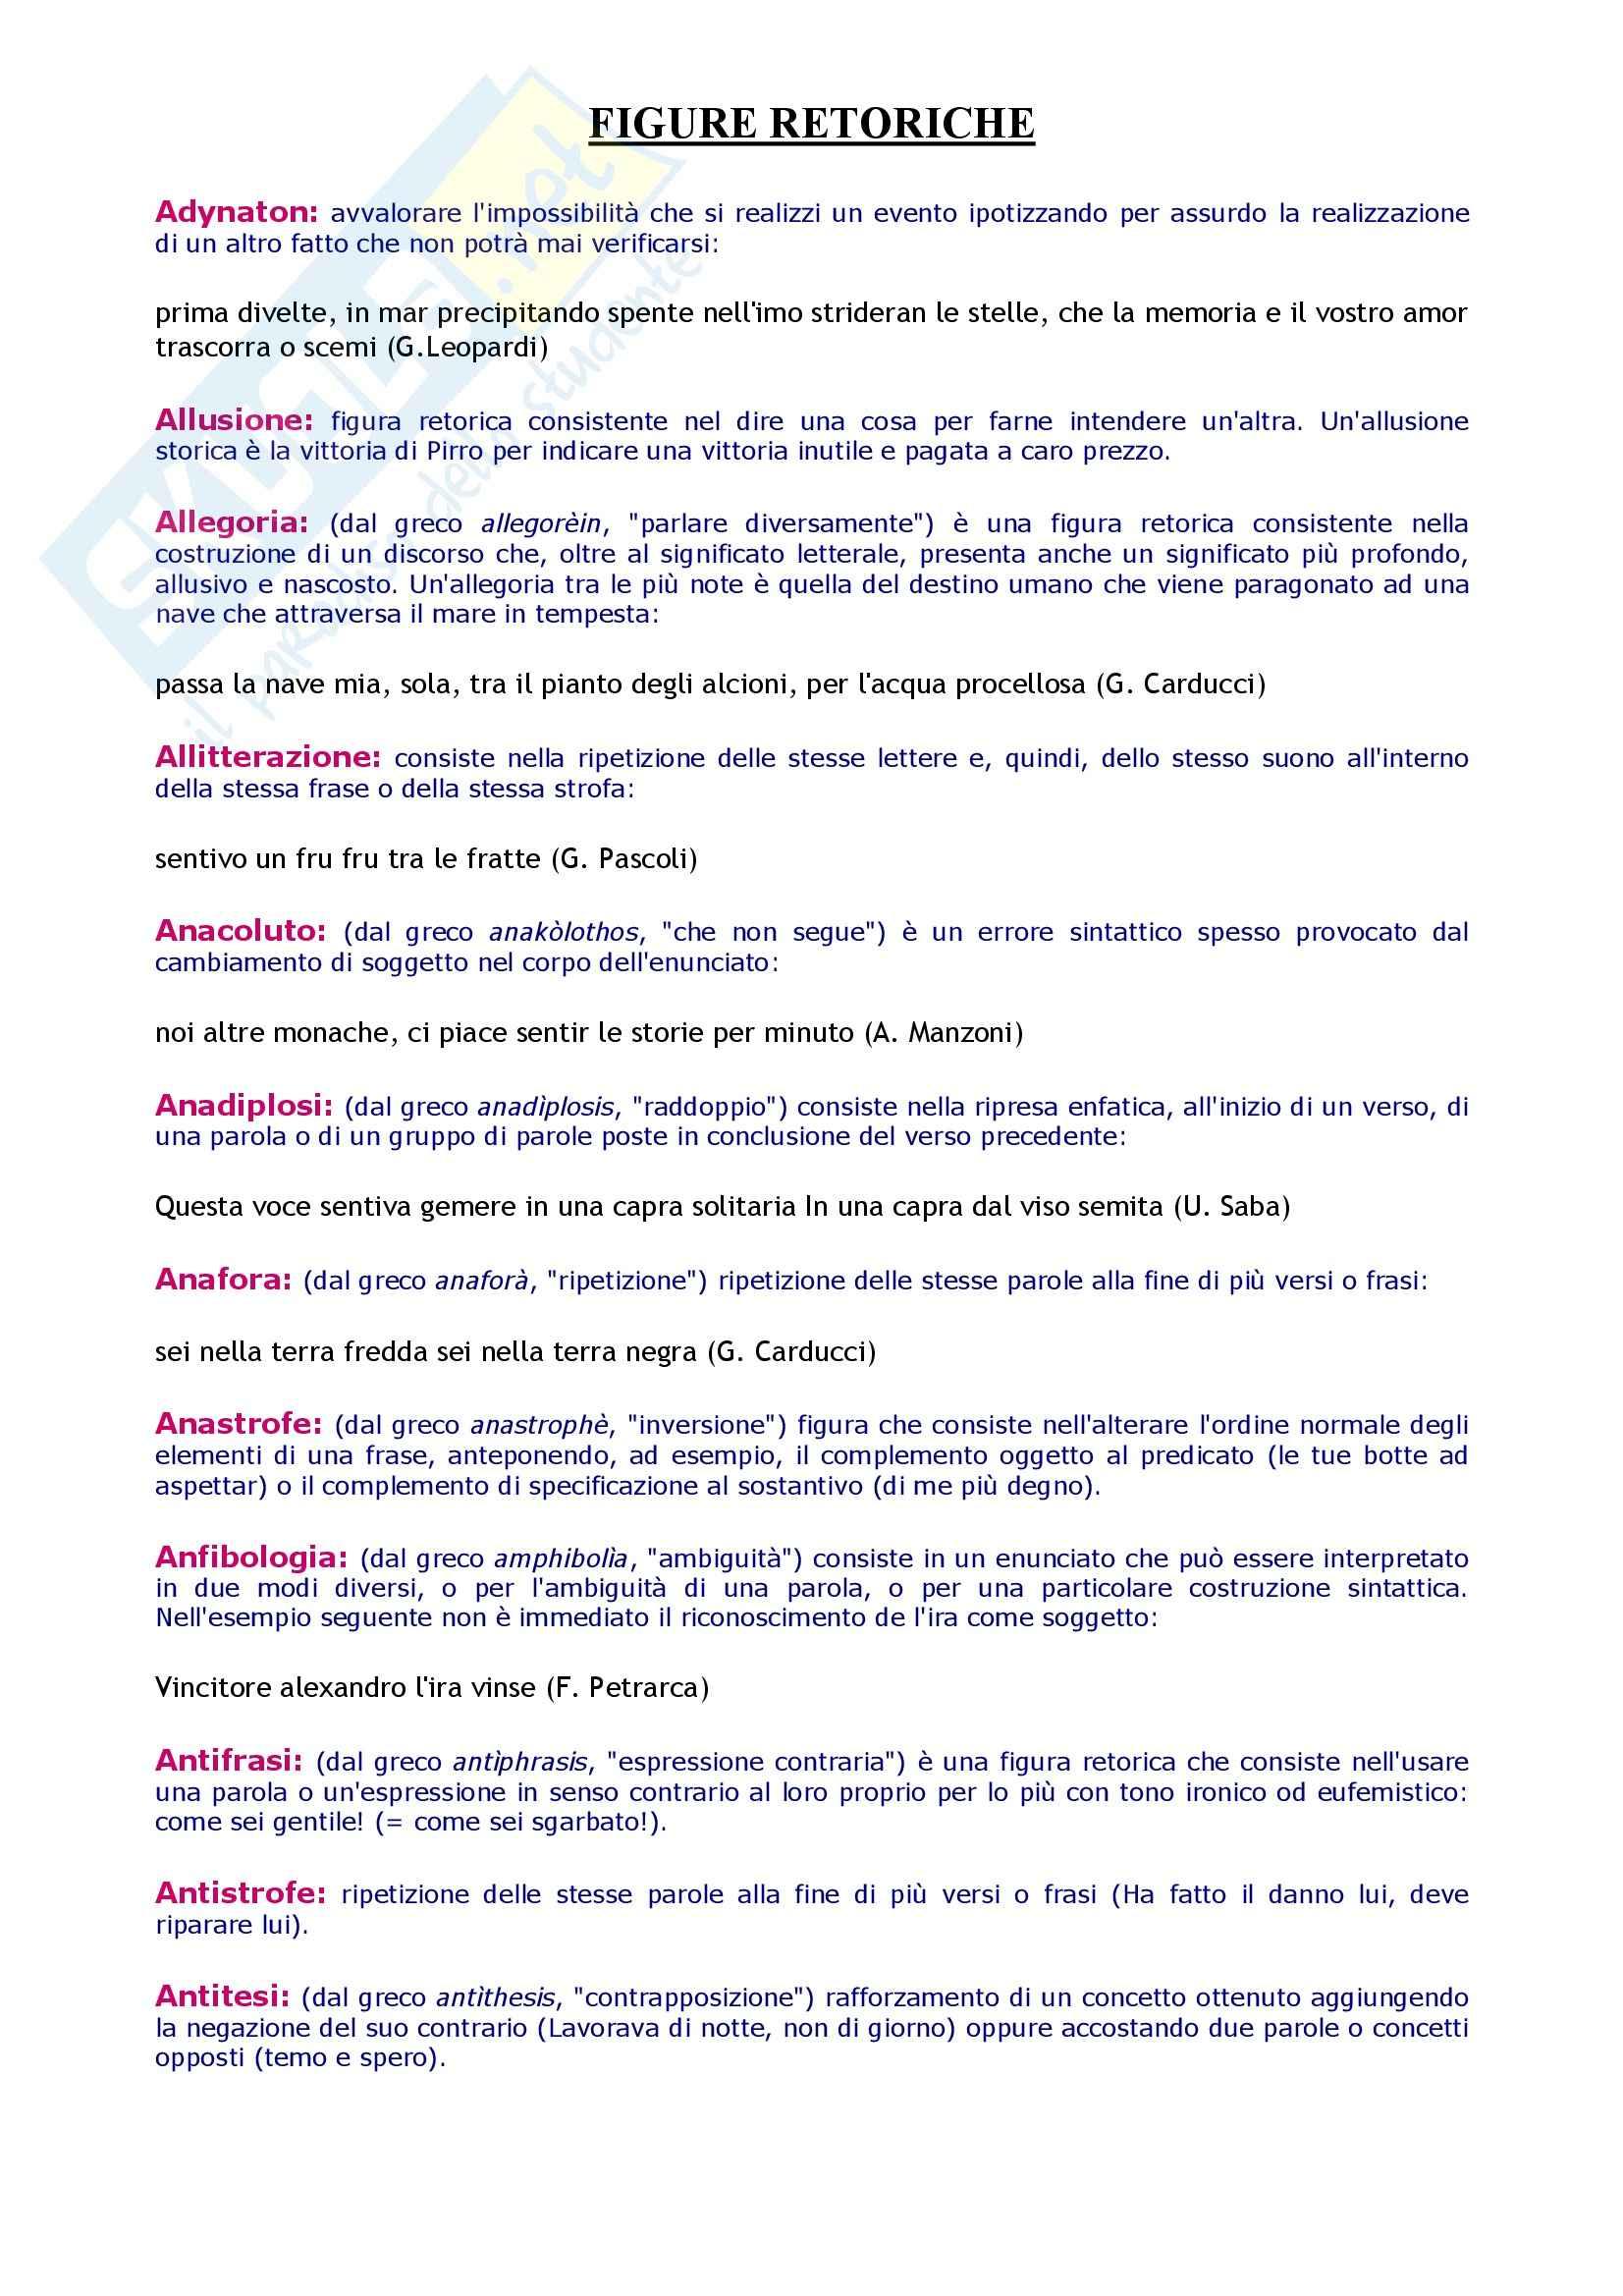 Tecniche espressive e composizione testi in italiano - dizionario figure retoriche